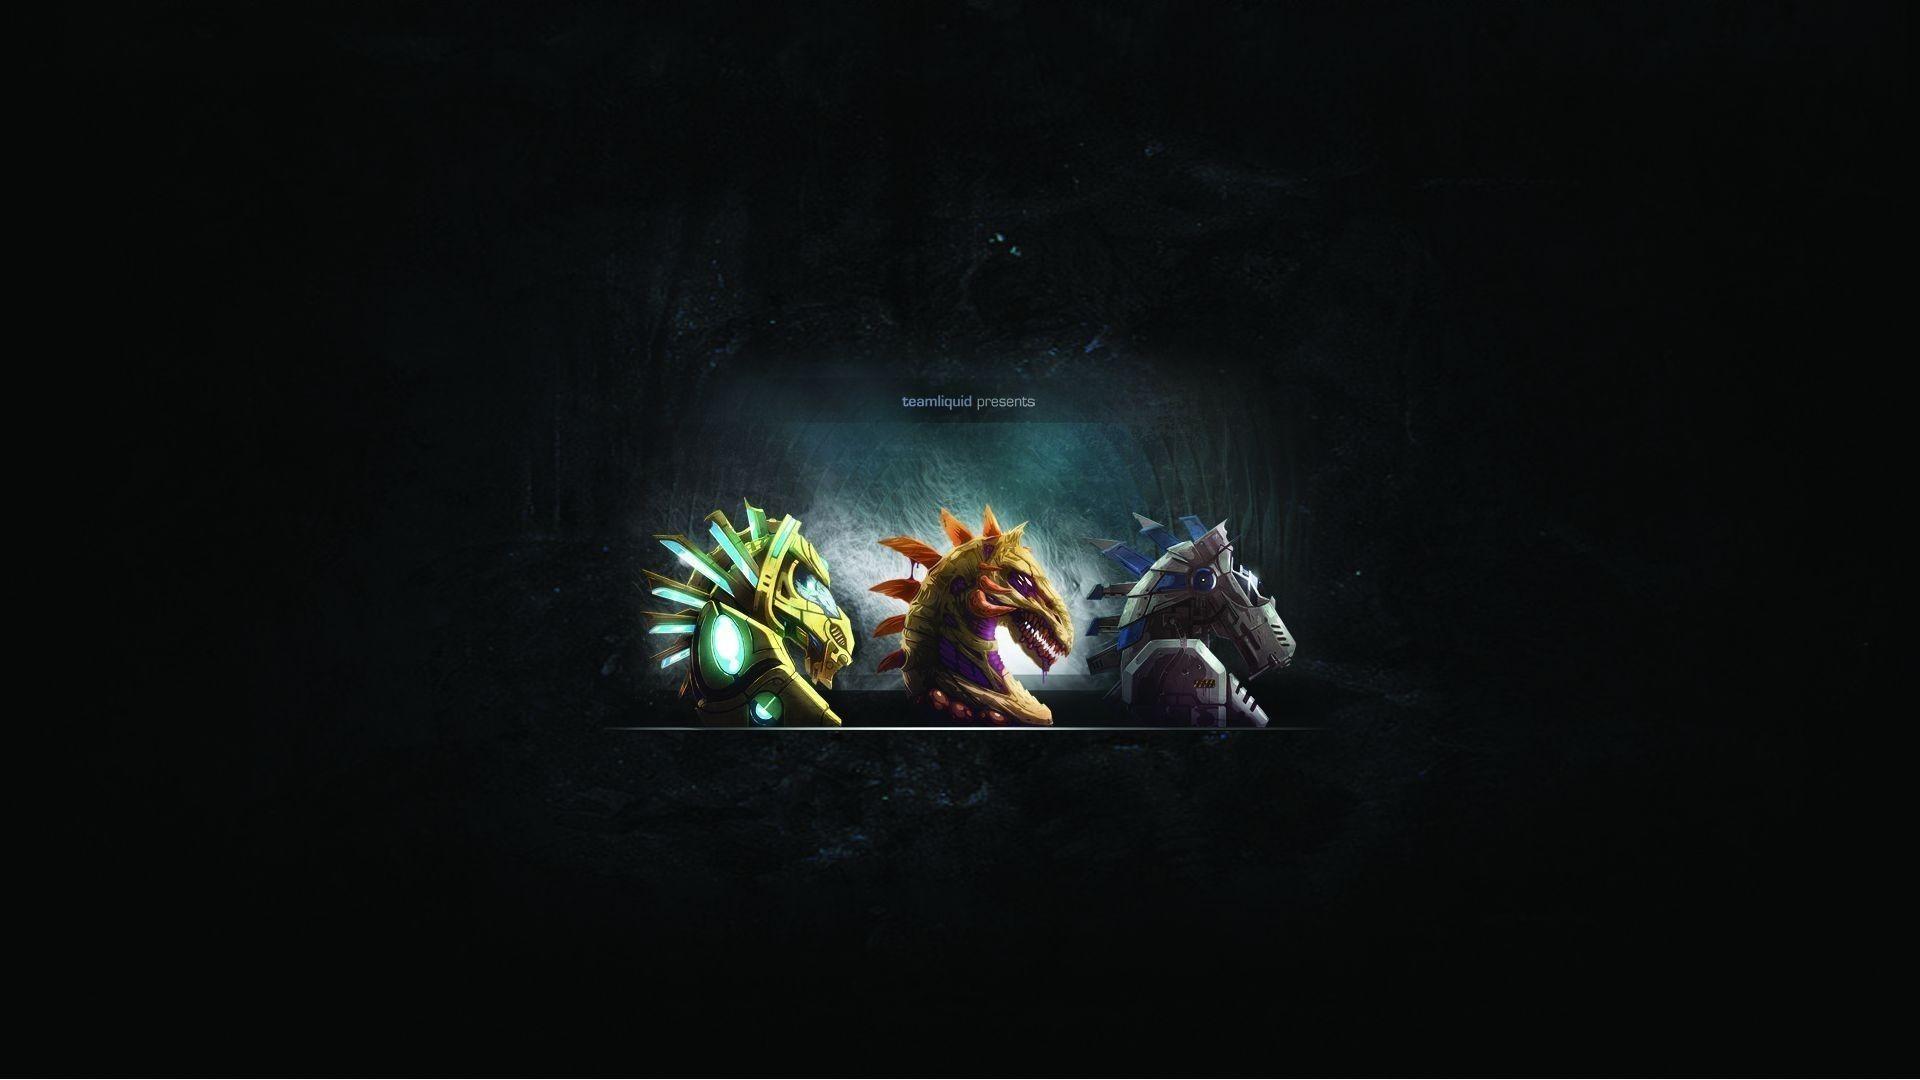 StarCraft, Zerg, Terrans, Protoss